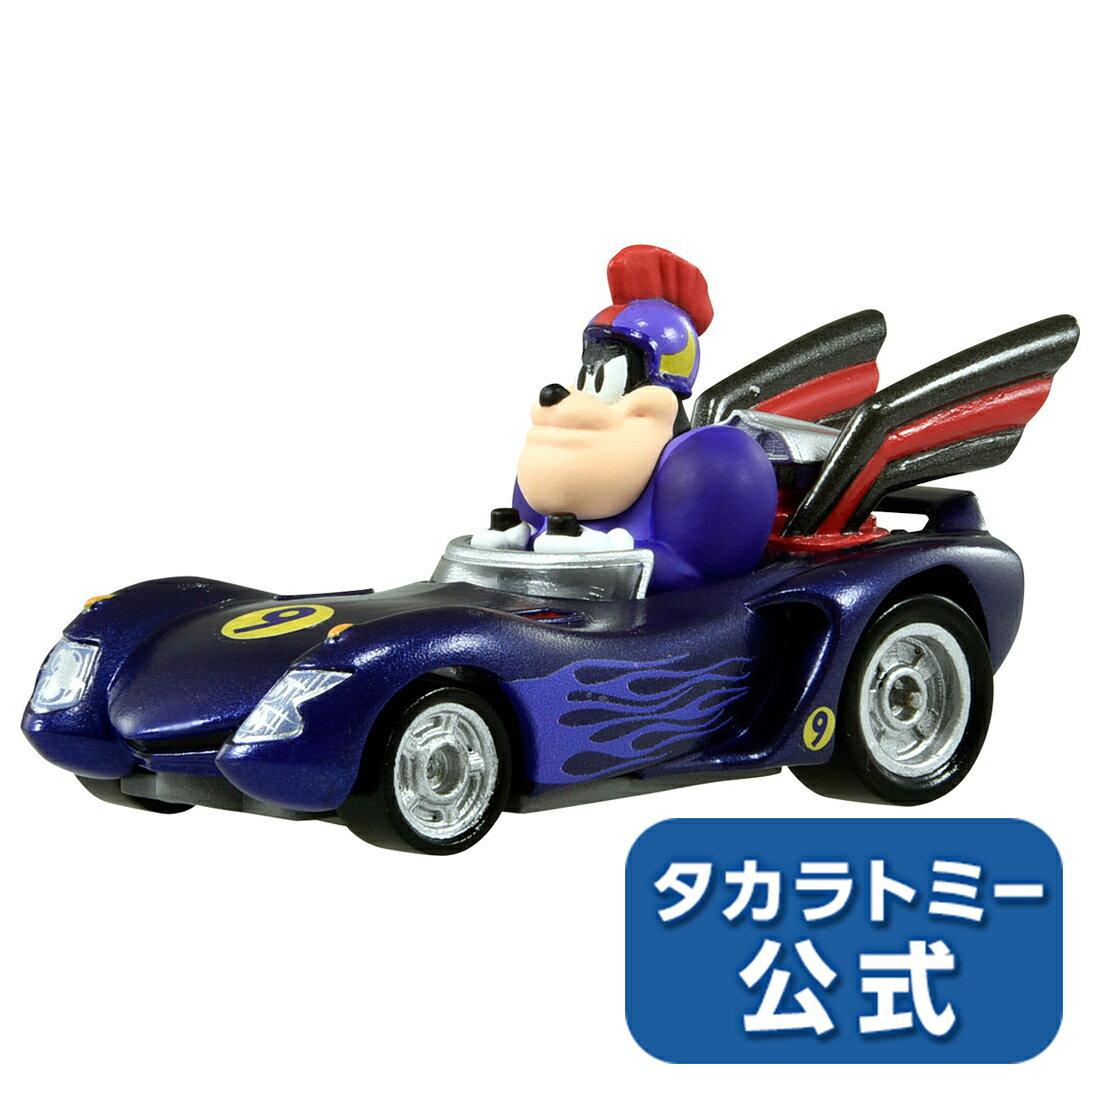 ミッキーマウスとロードレーサーズトミカMRR-04スーパー・クラッシャーピート【Disney_d】【180914dl】【endsale_18】